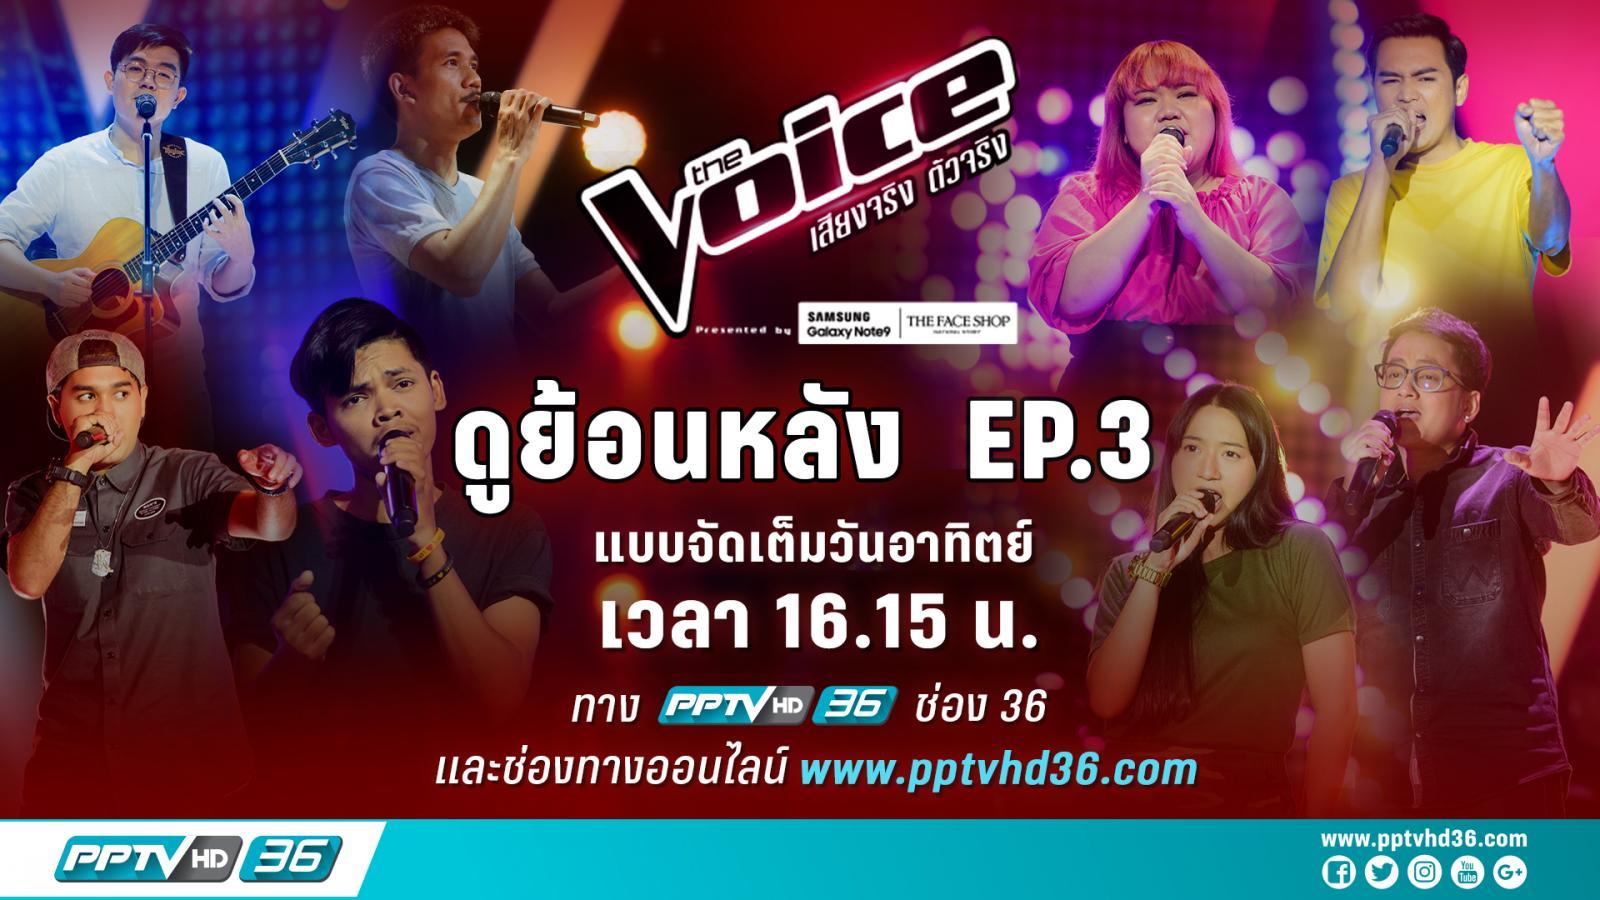 ลิงก์ชมย้อนหลัง The Voice 2018 Ep.3 วันอาทิตย์ที่ 9 ธ.ค.61